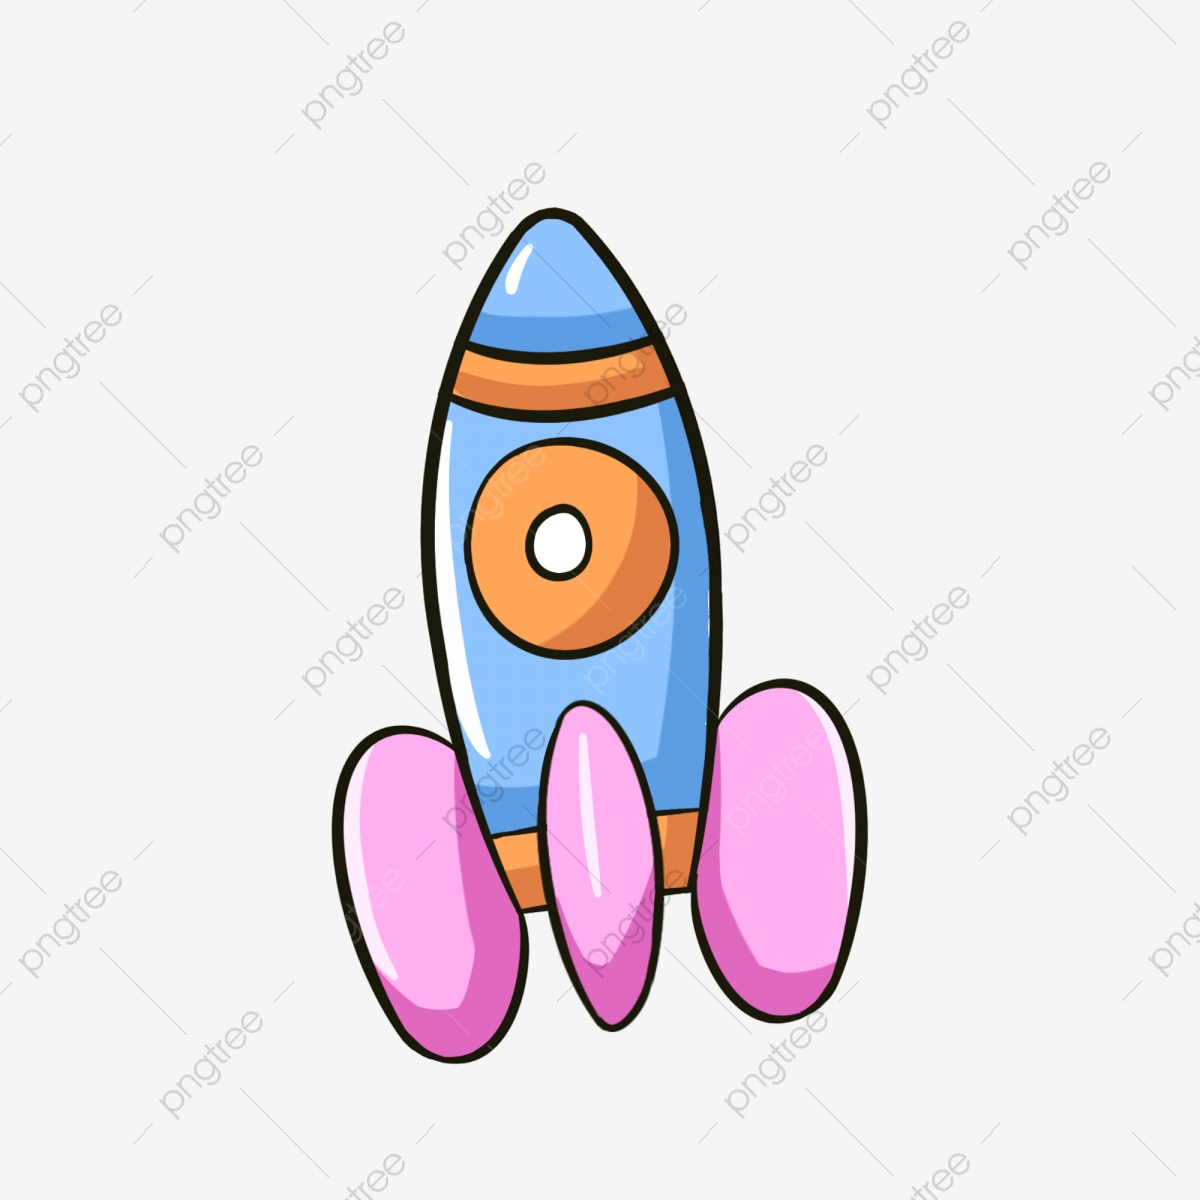 مرسومة باليد رسوم متحركة المركبة الفضائية رسم للأطفال صاروخ مركبة فضائية الفضاء Png وملف Psd للتحميل مجانا